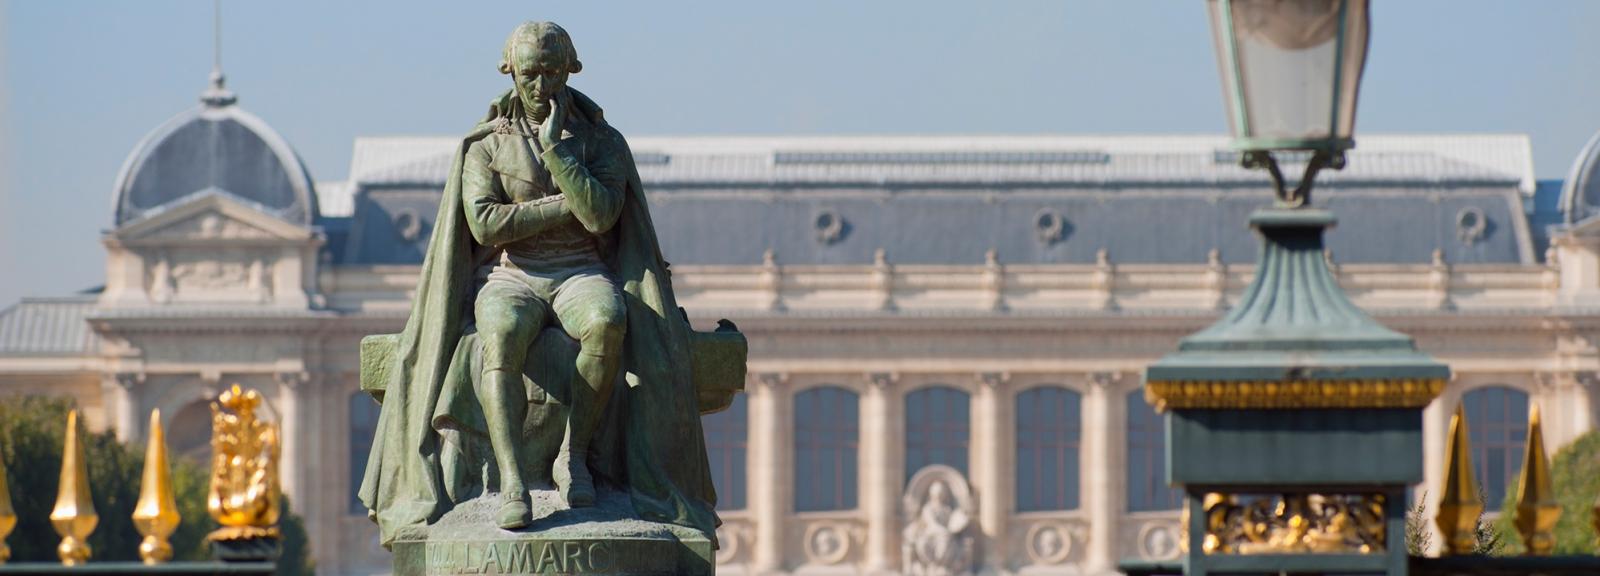 Statue de Lamarck au Jardin des Plantes © MNHN - P. Lafaite